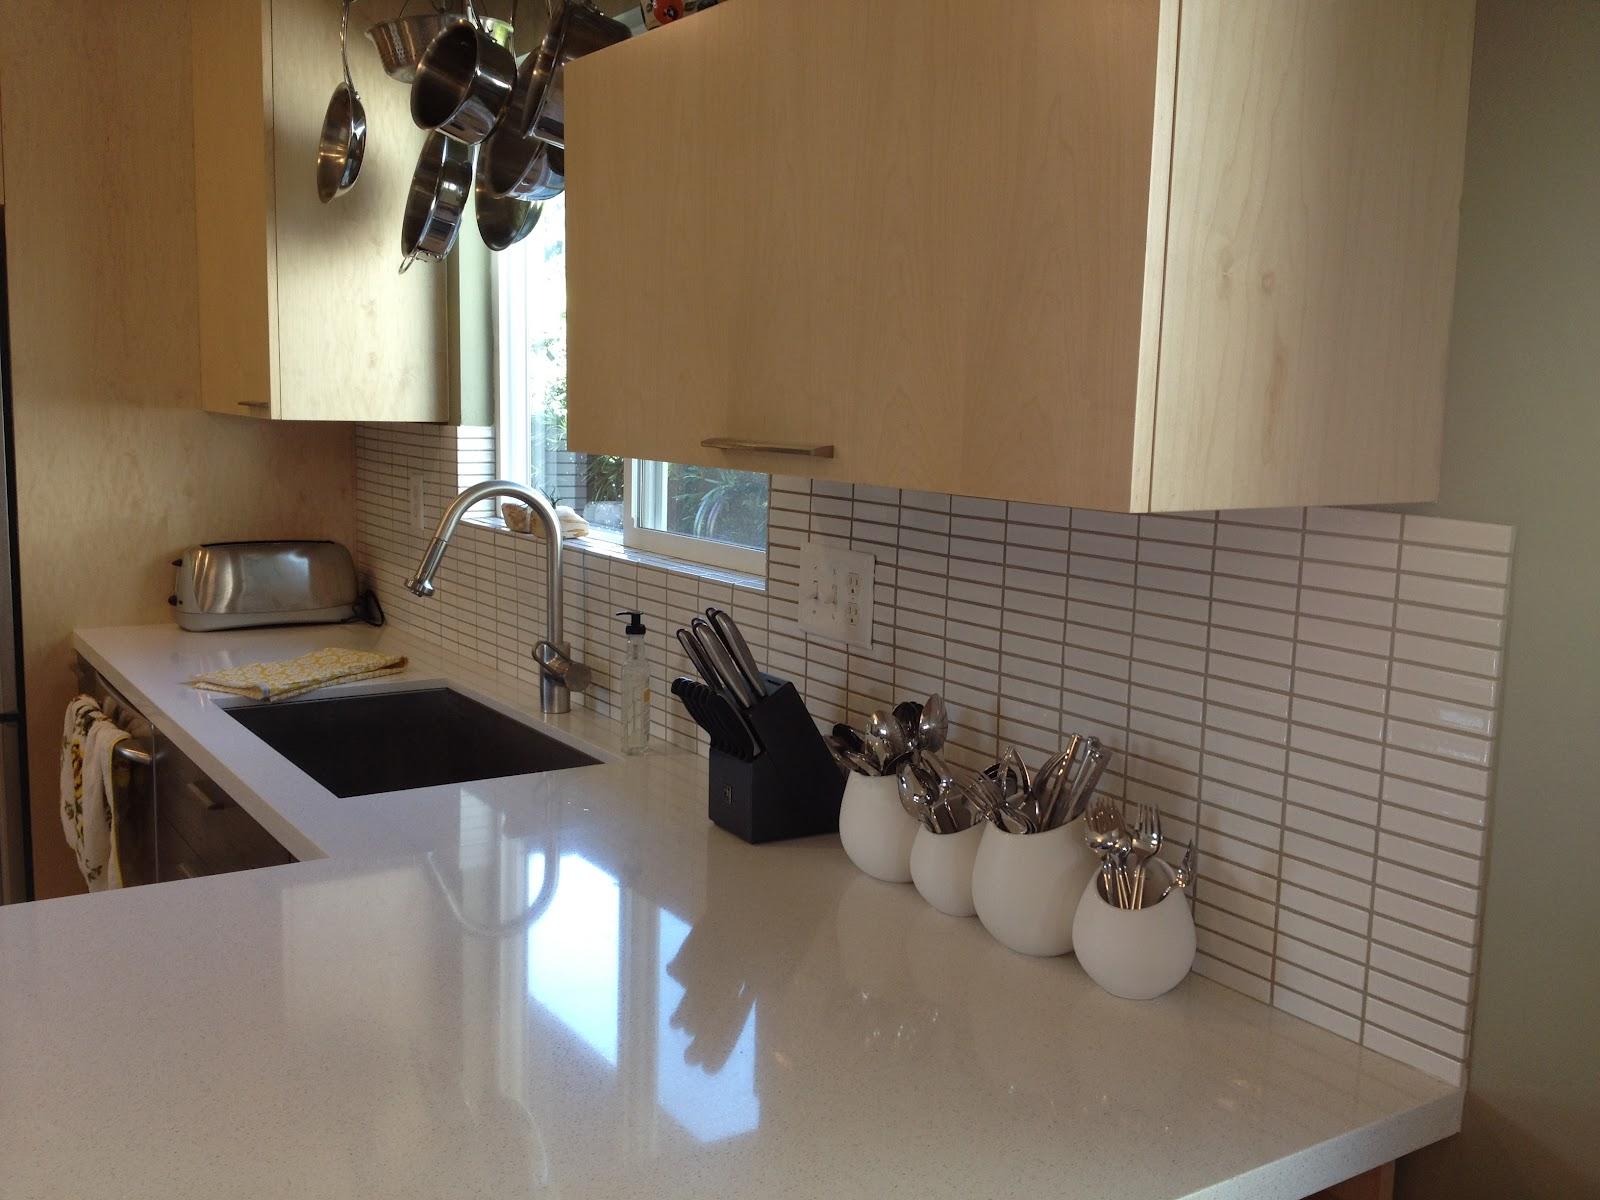 easy install kitchen backsplash ideas 2017 kitchen design ideas